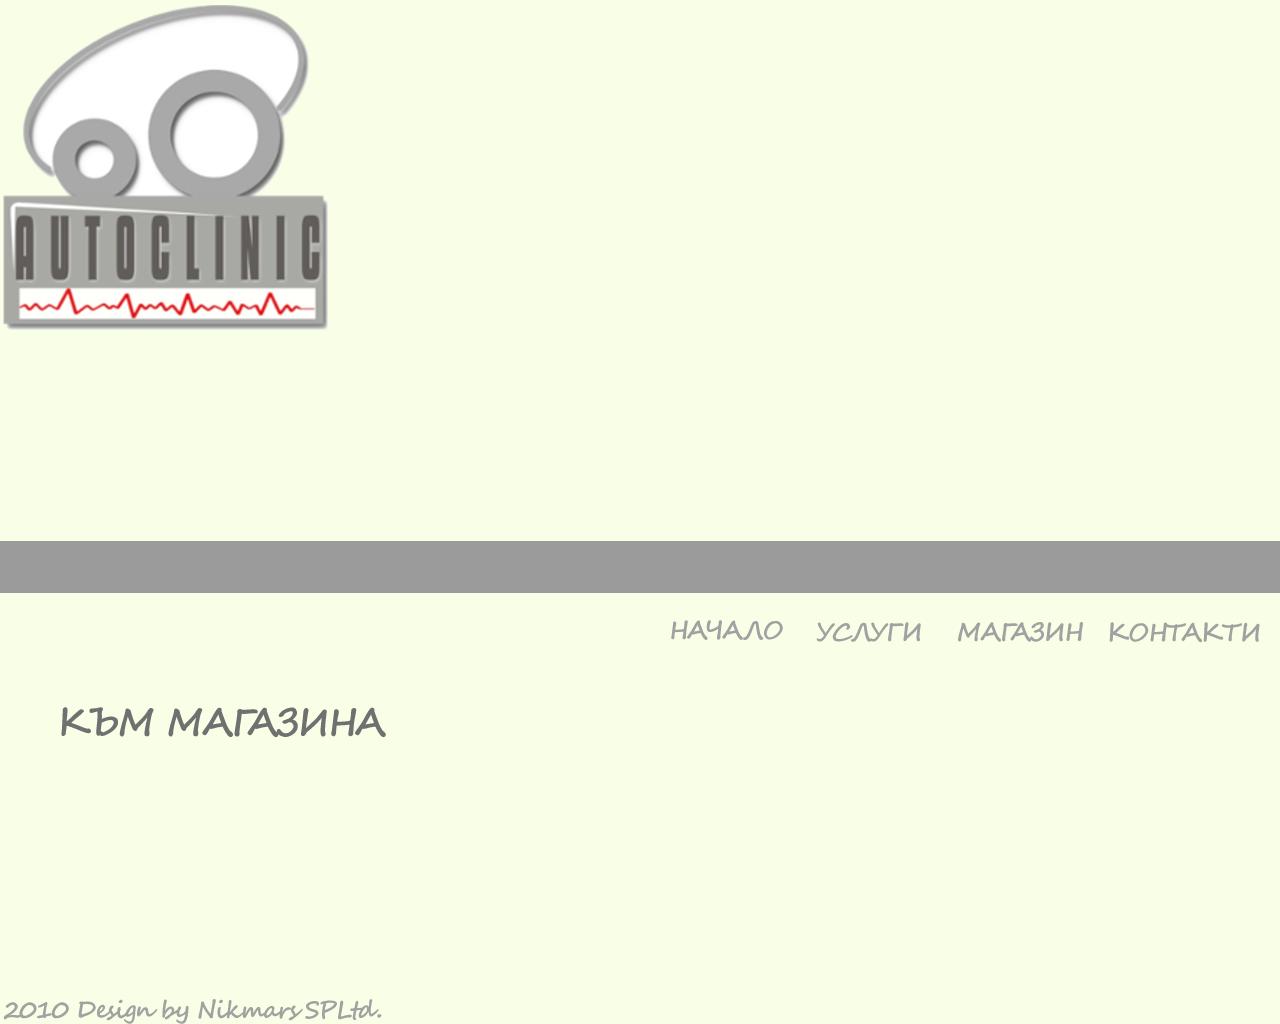 Autoclinic web shop